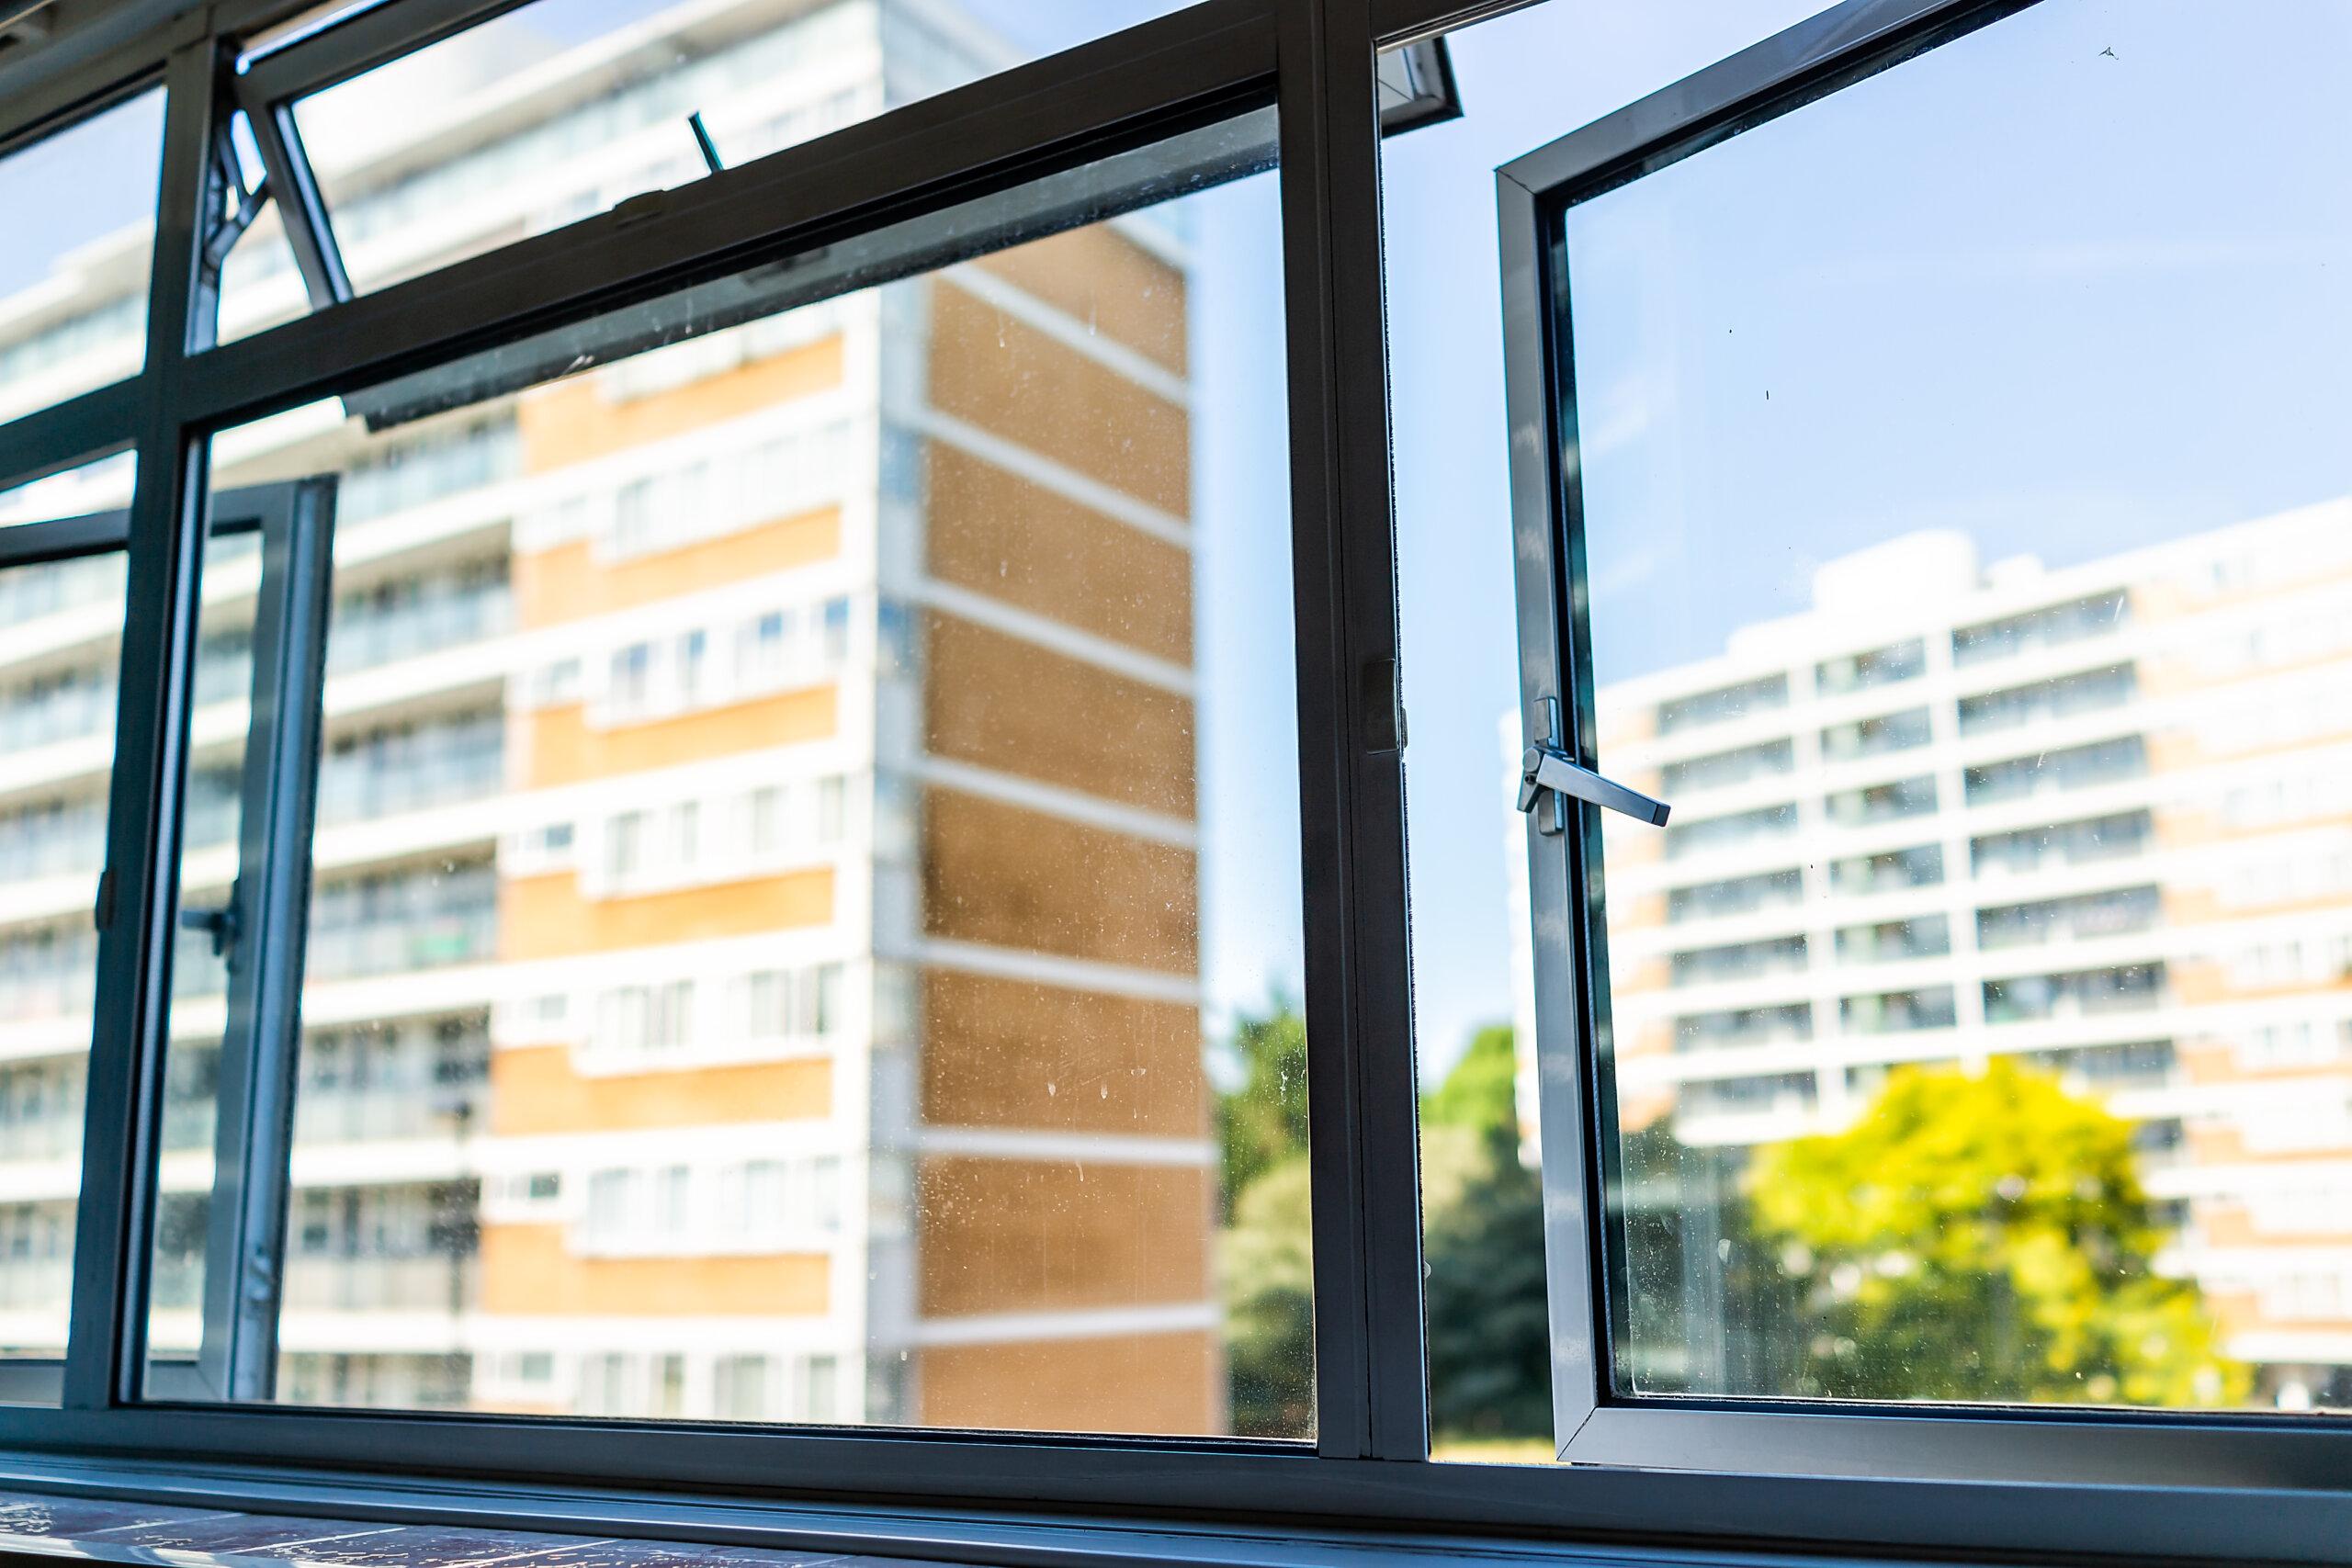 Vidro da janela